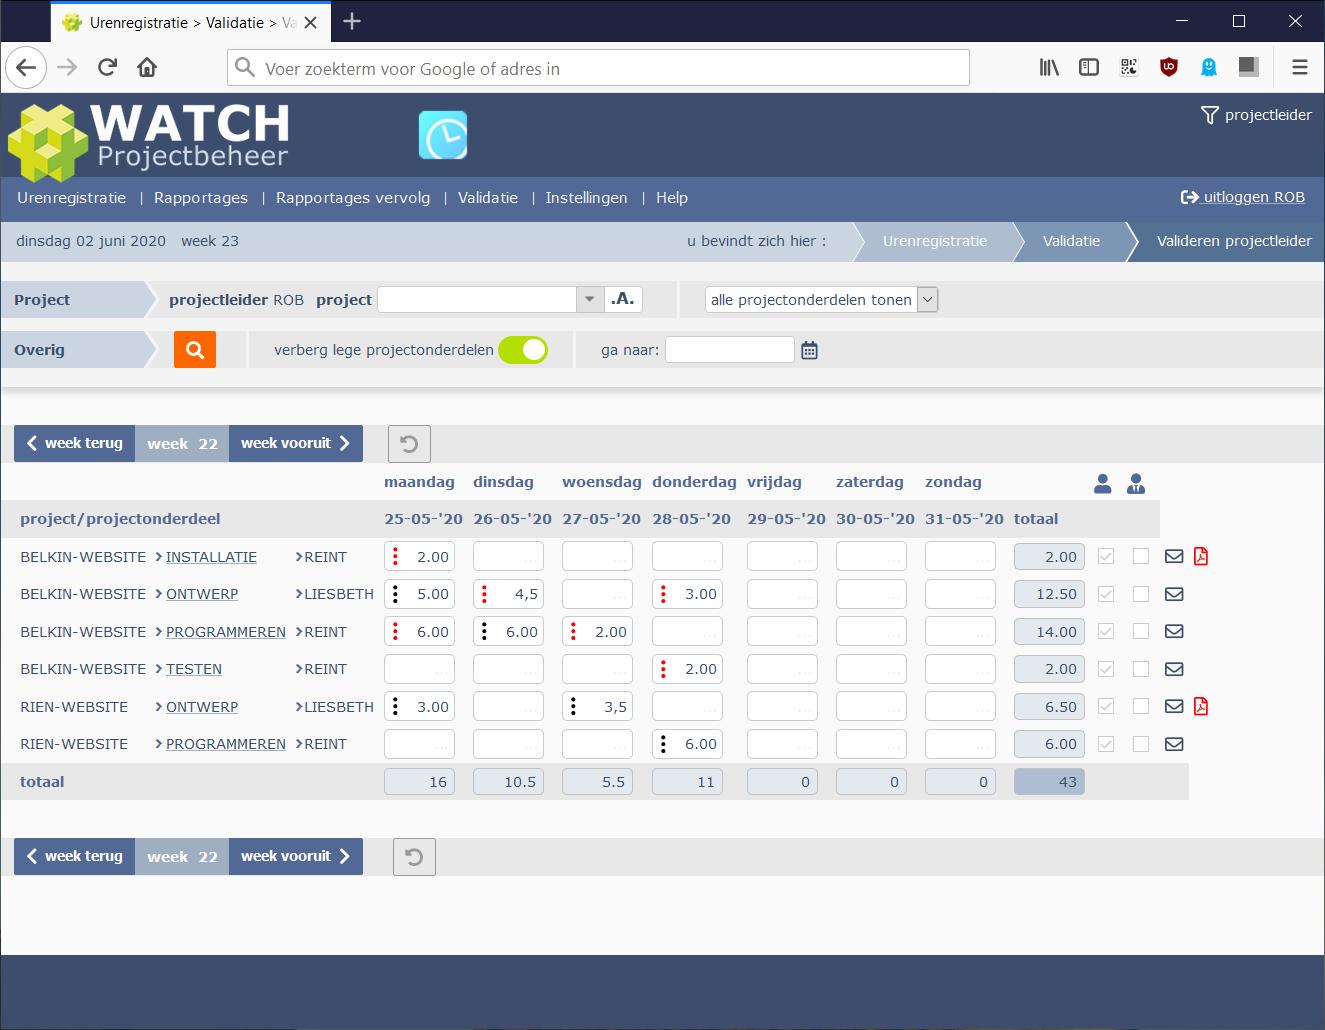 projectleider validatiescherm